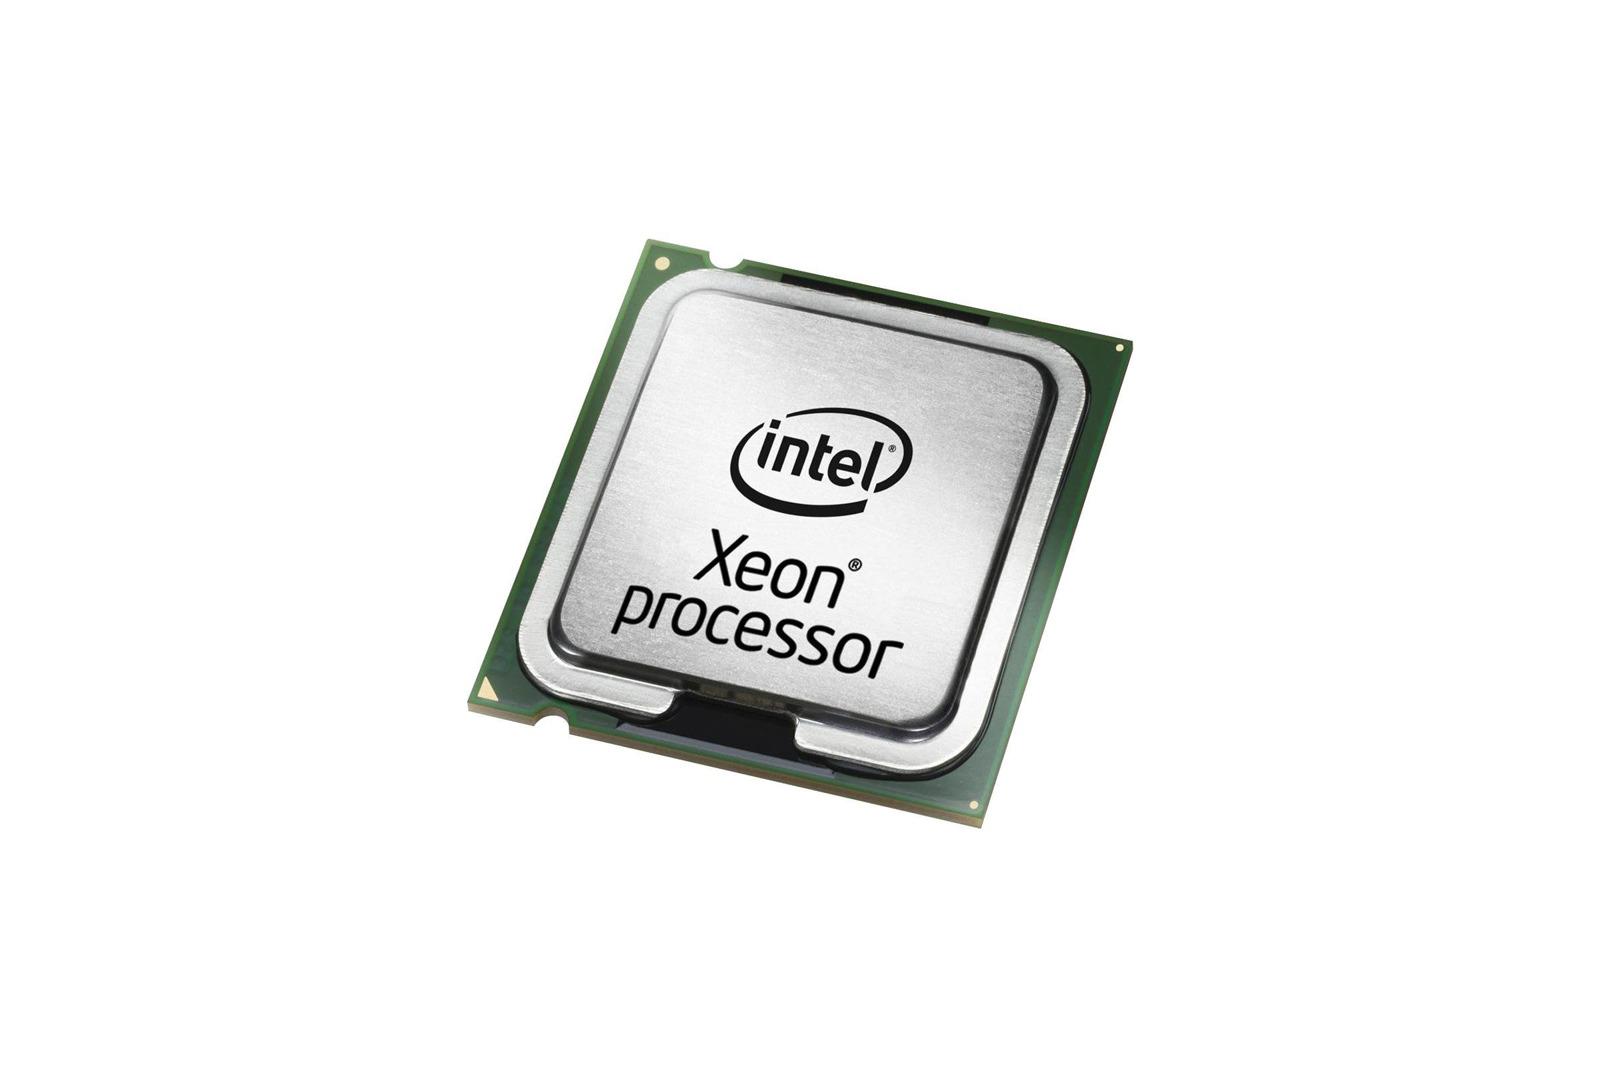 Processor Intel Xeon E5405 2.00GHz